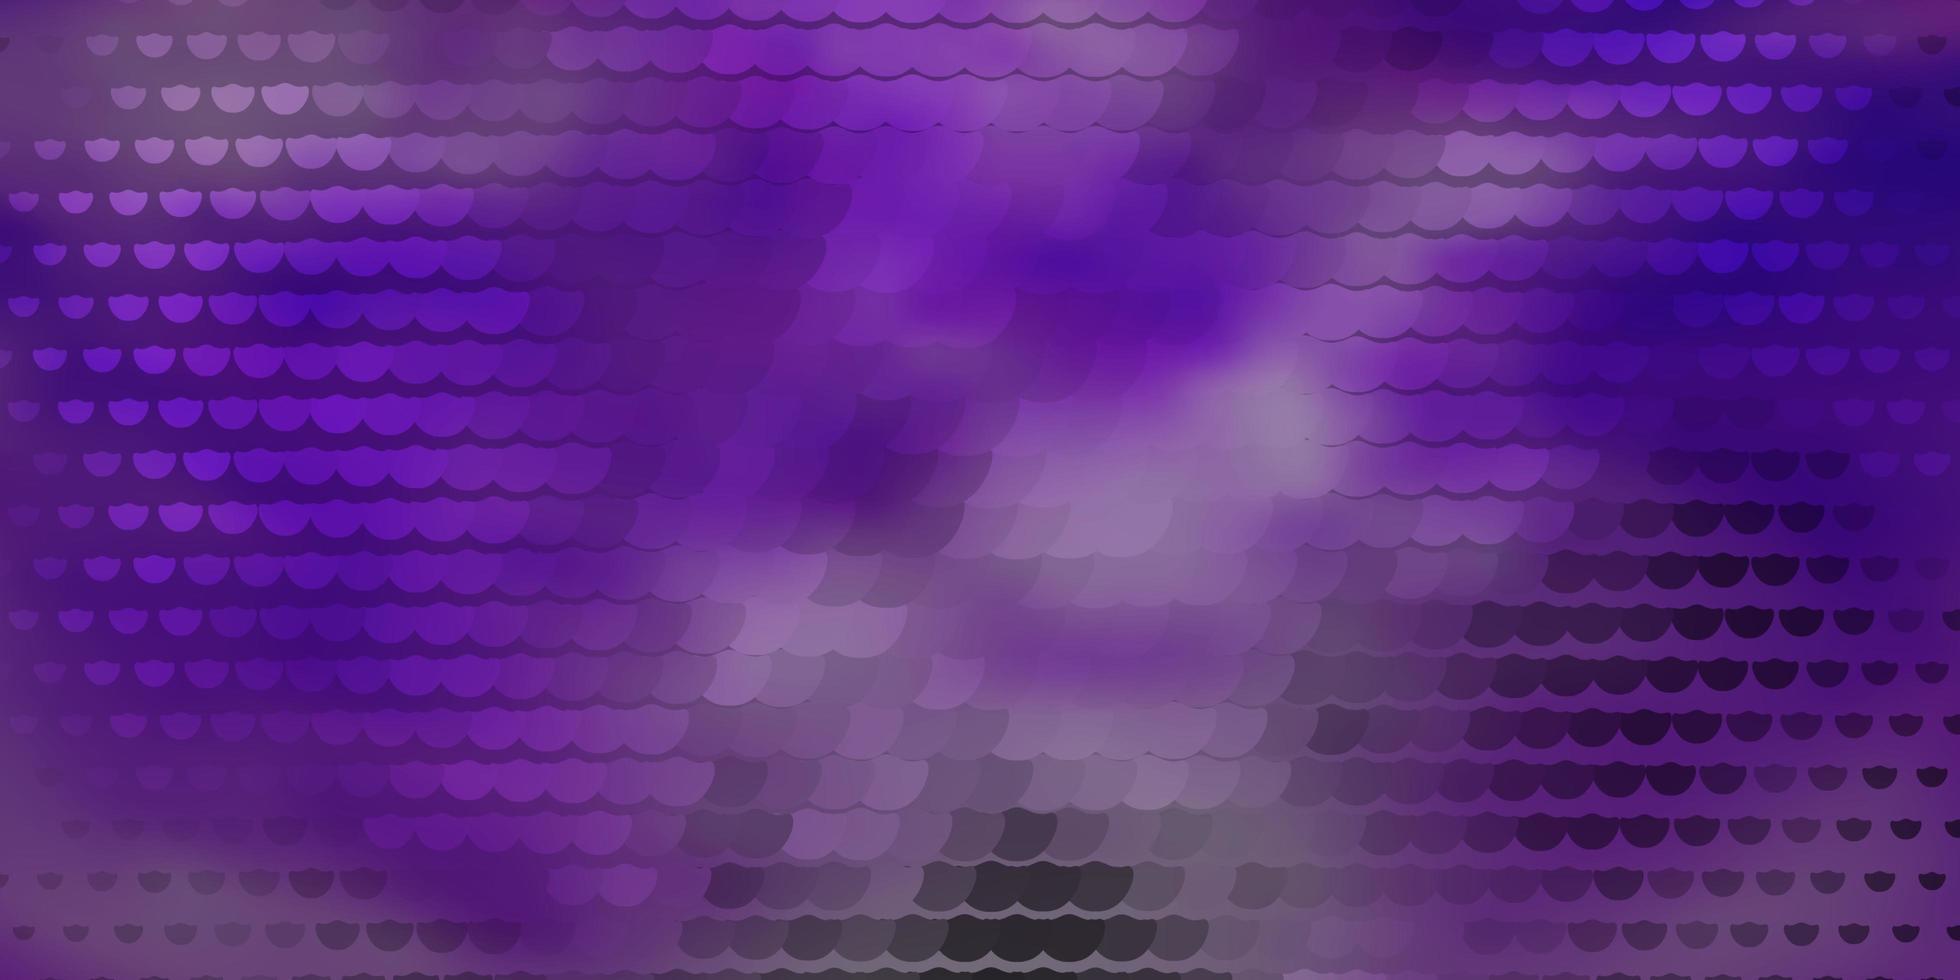 fundo vector roxo escuro com círculos.